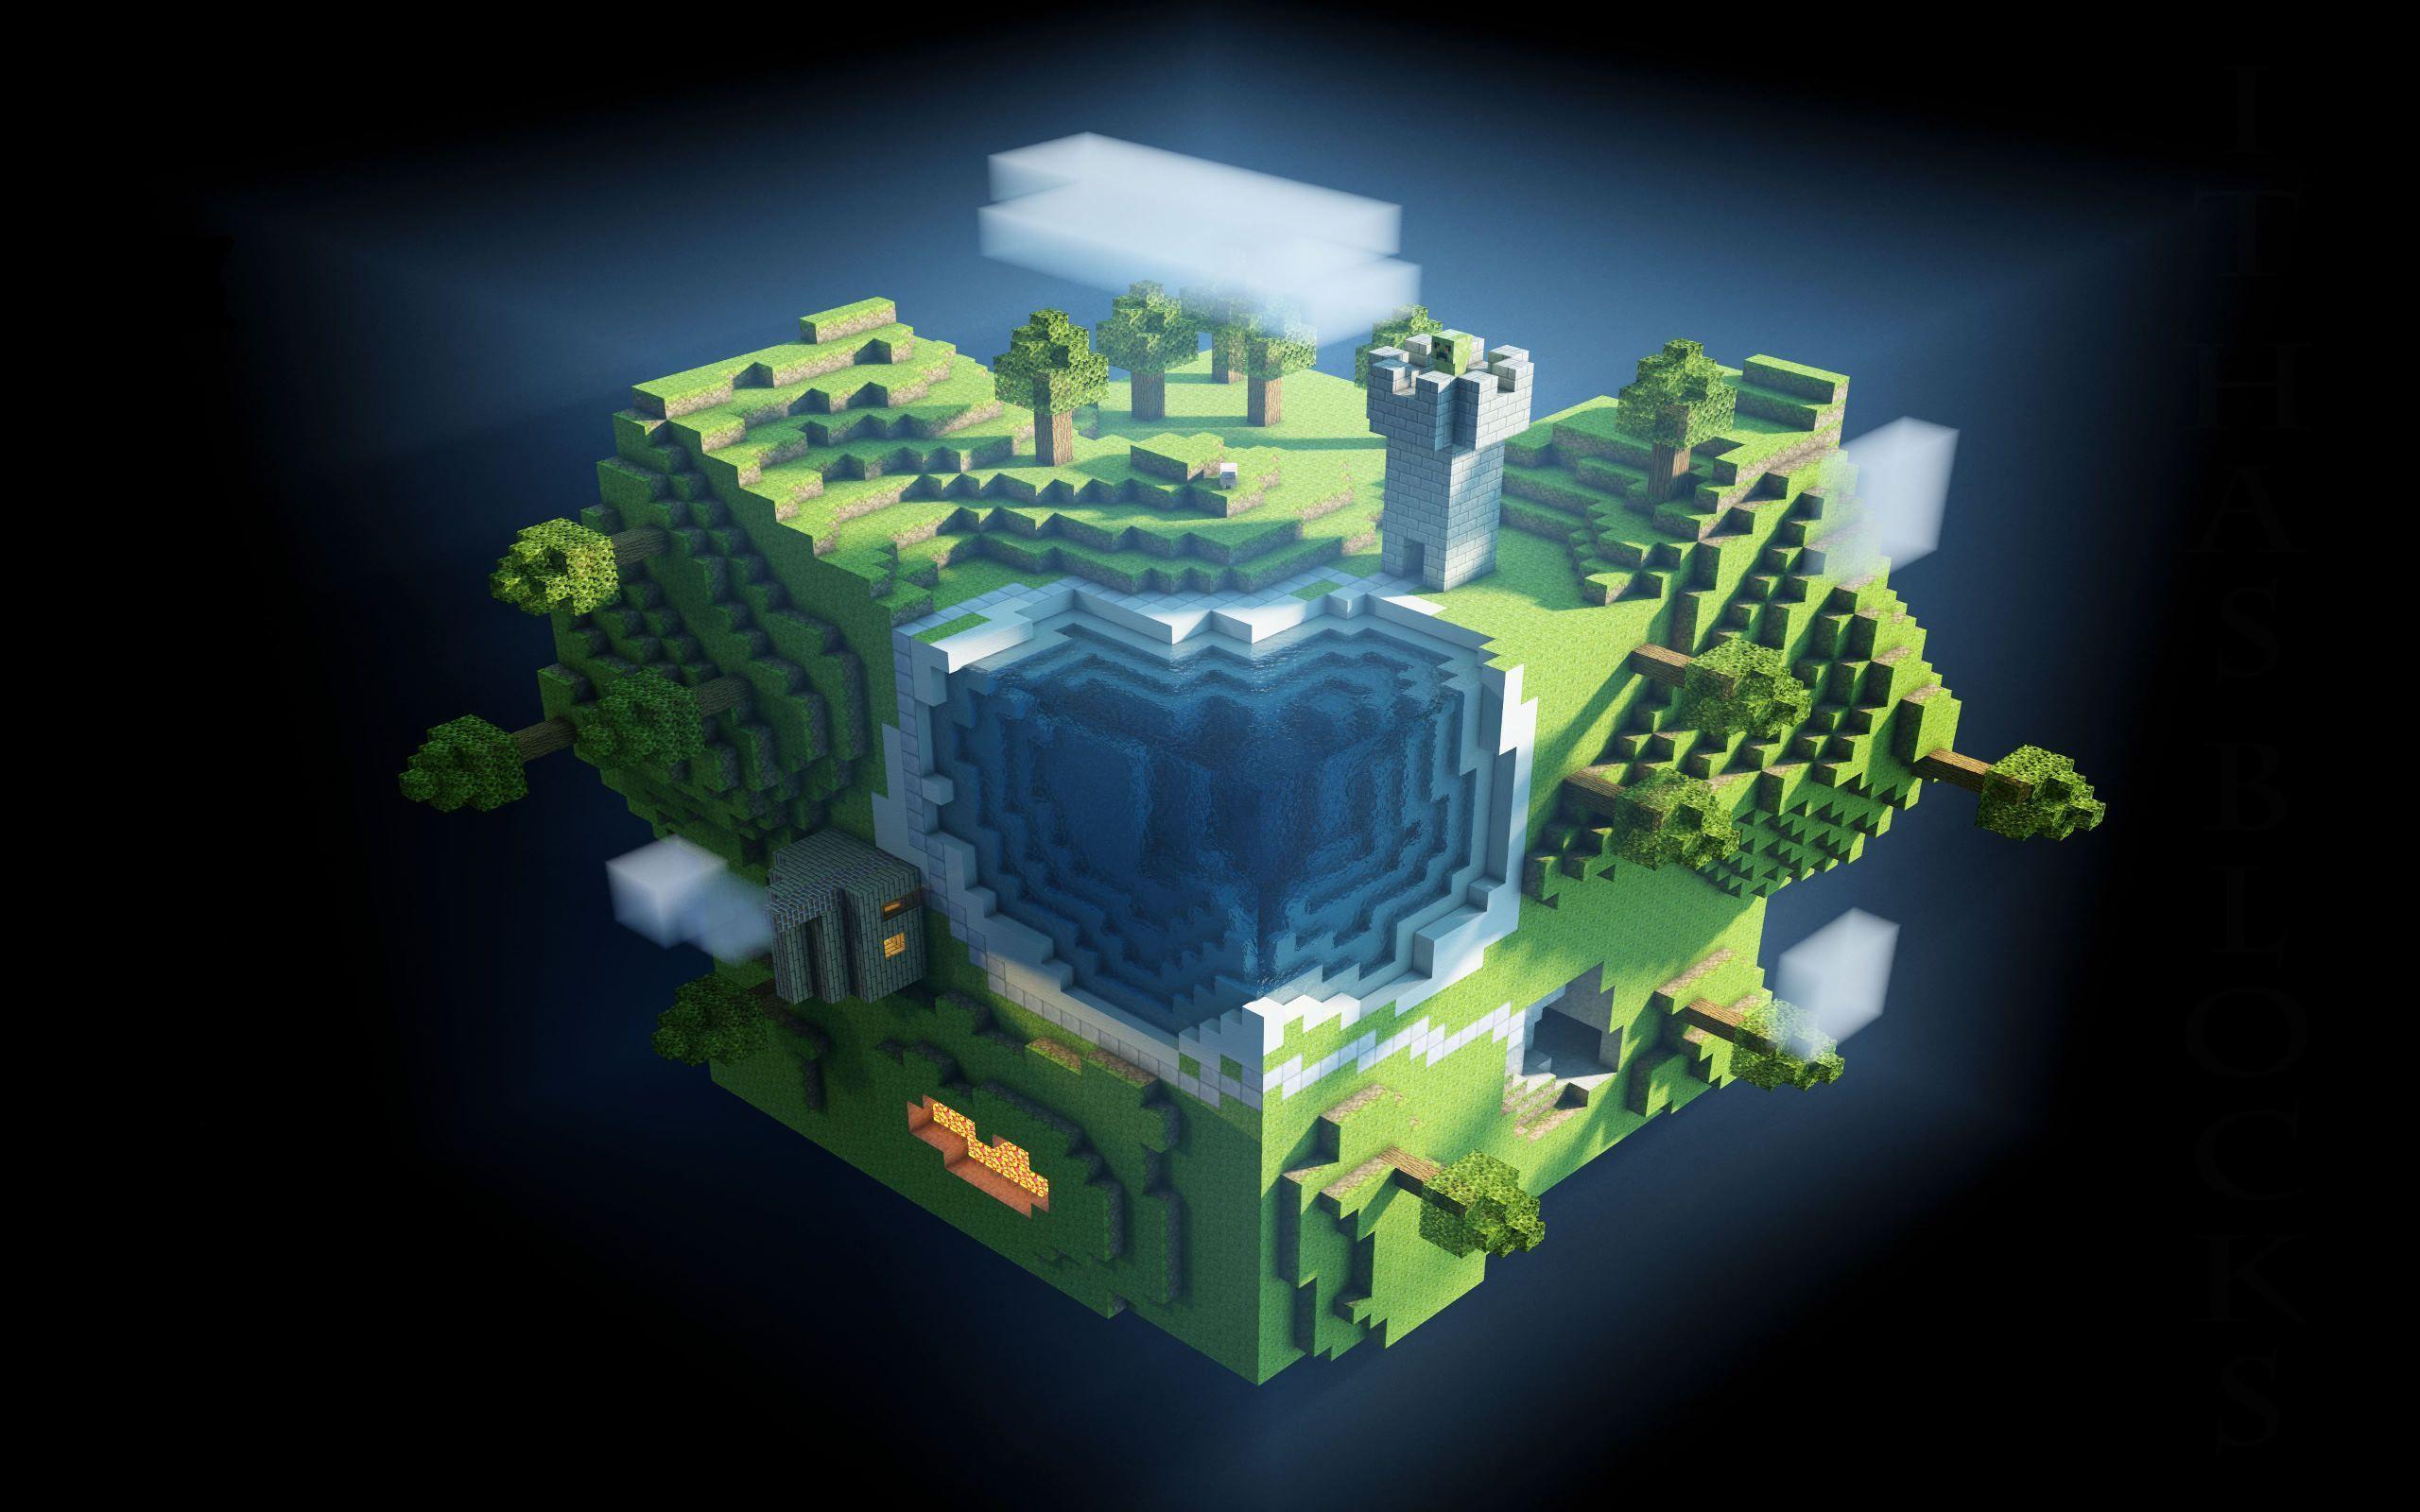 Hình nền Minecraft khối xếp hình